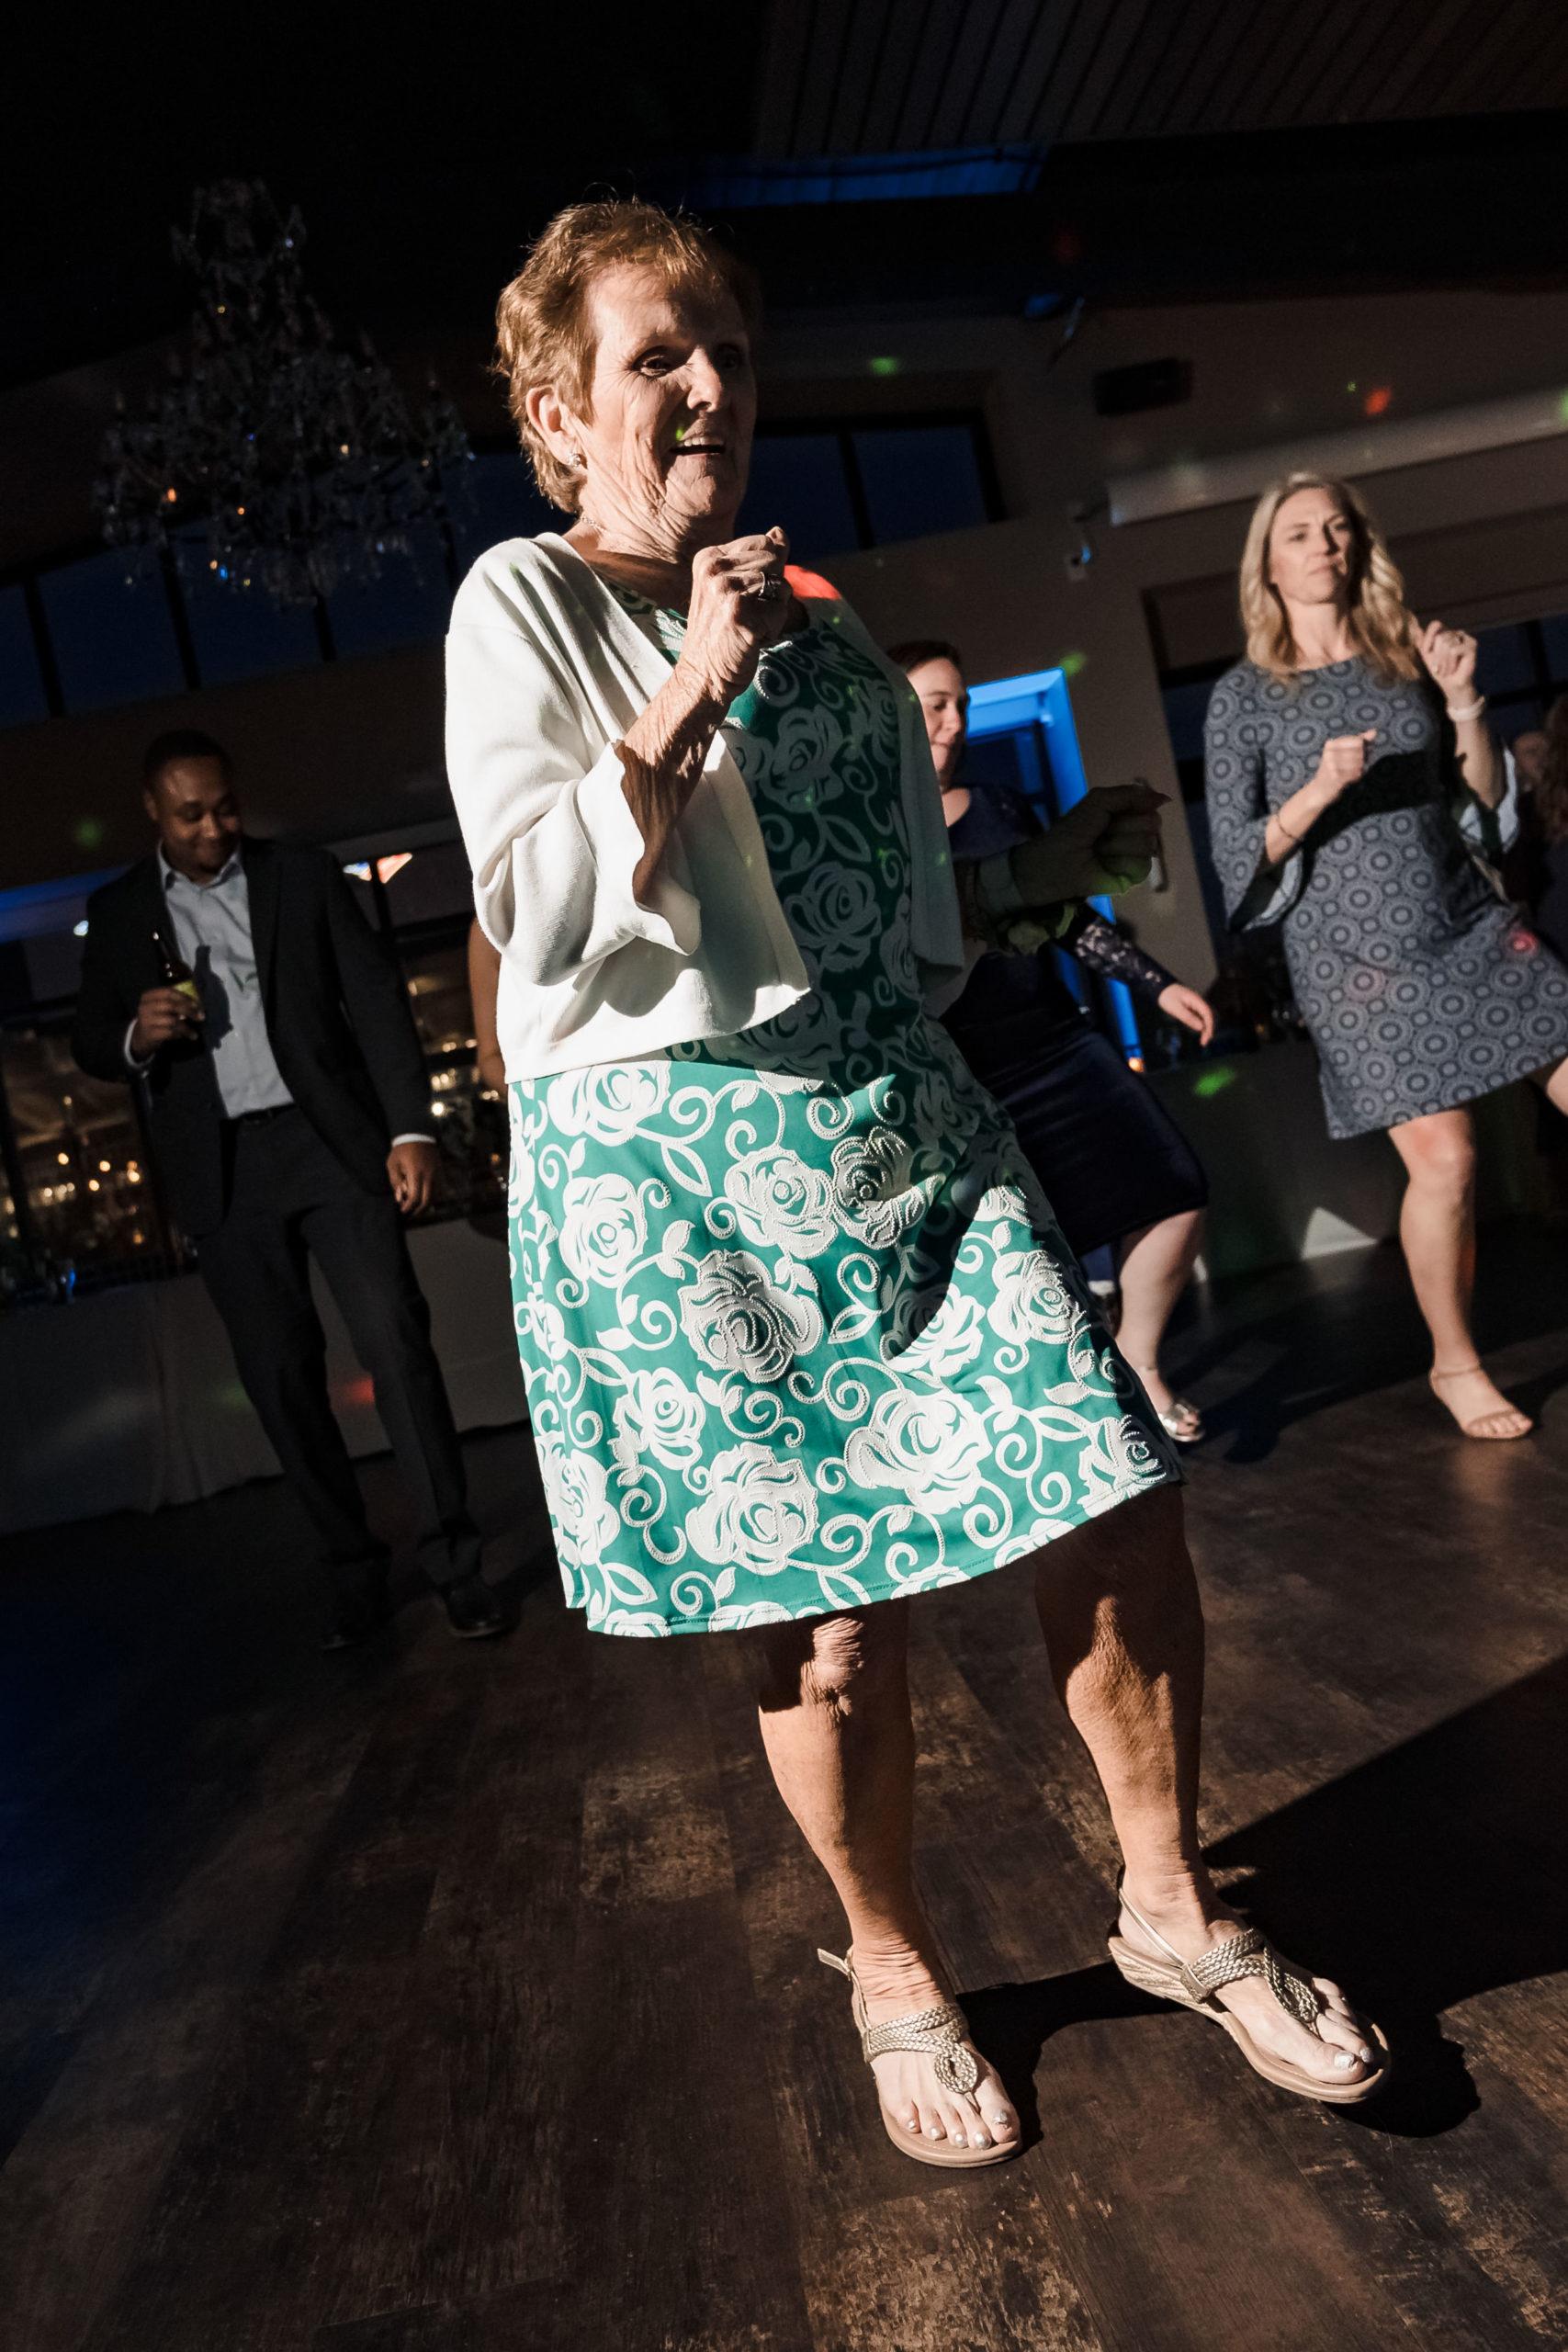 Grandma dancing at wedding